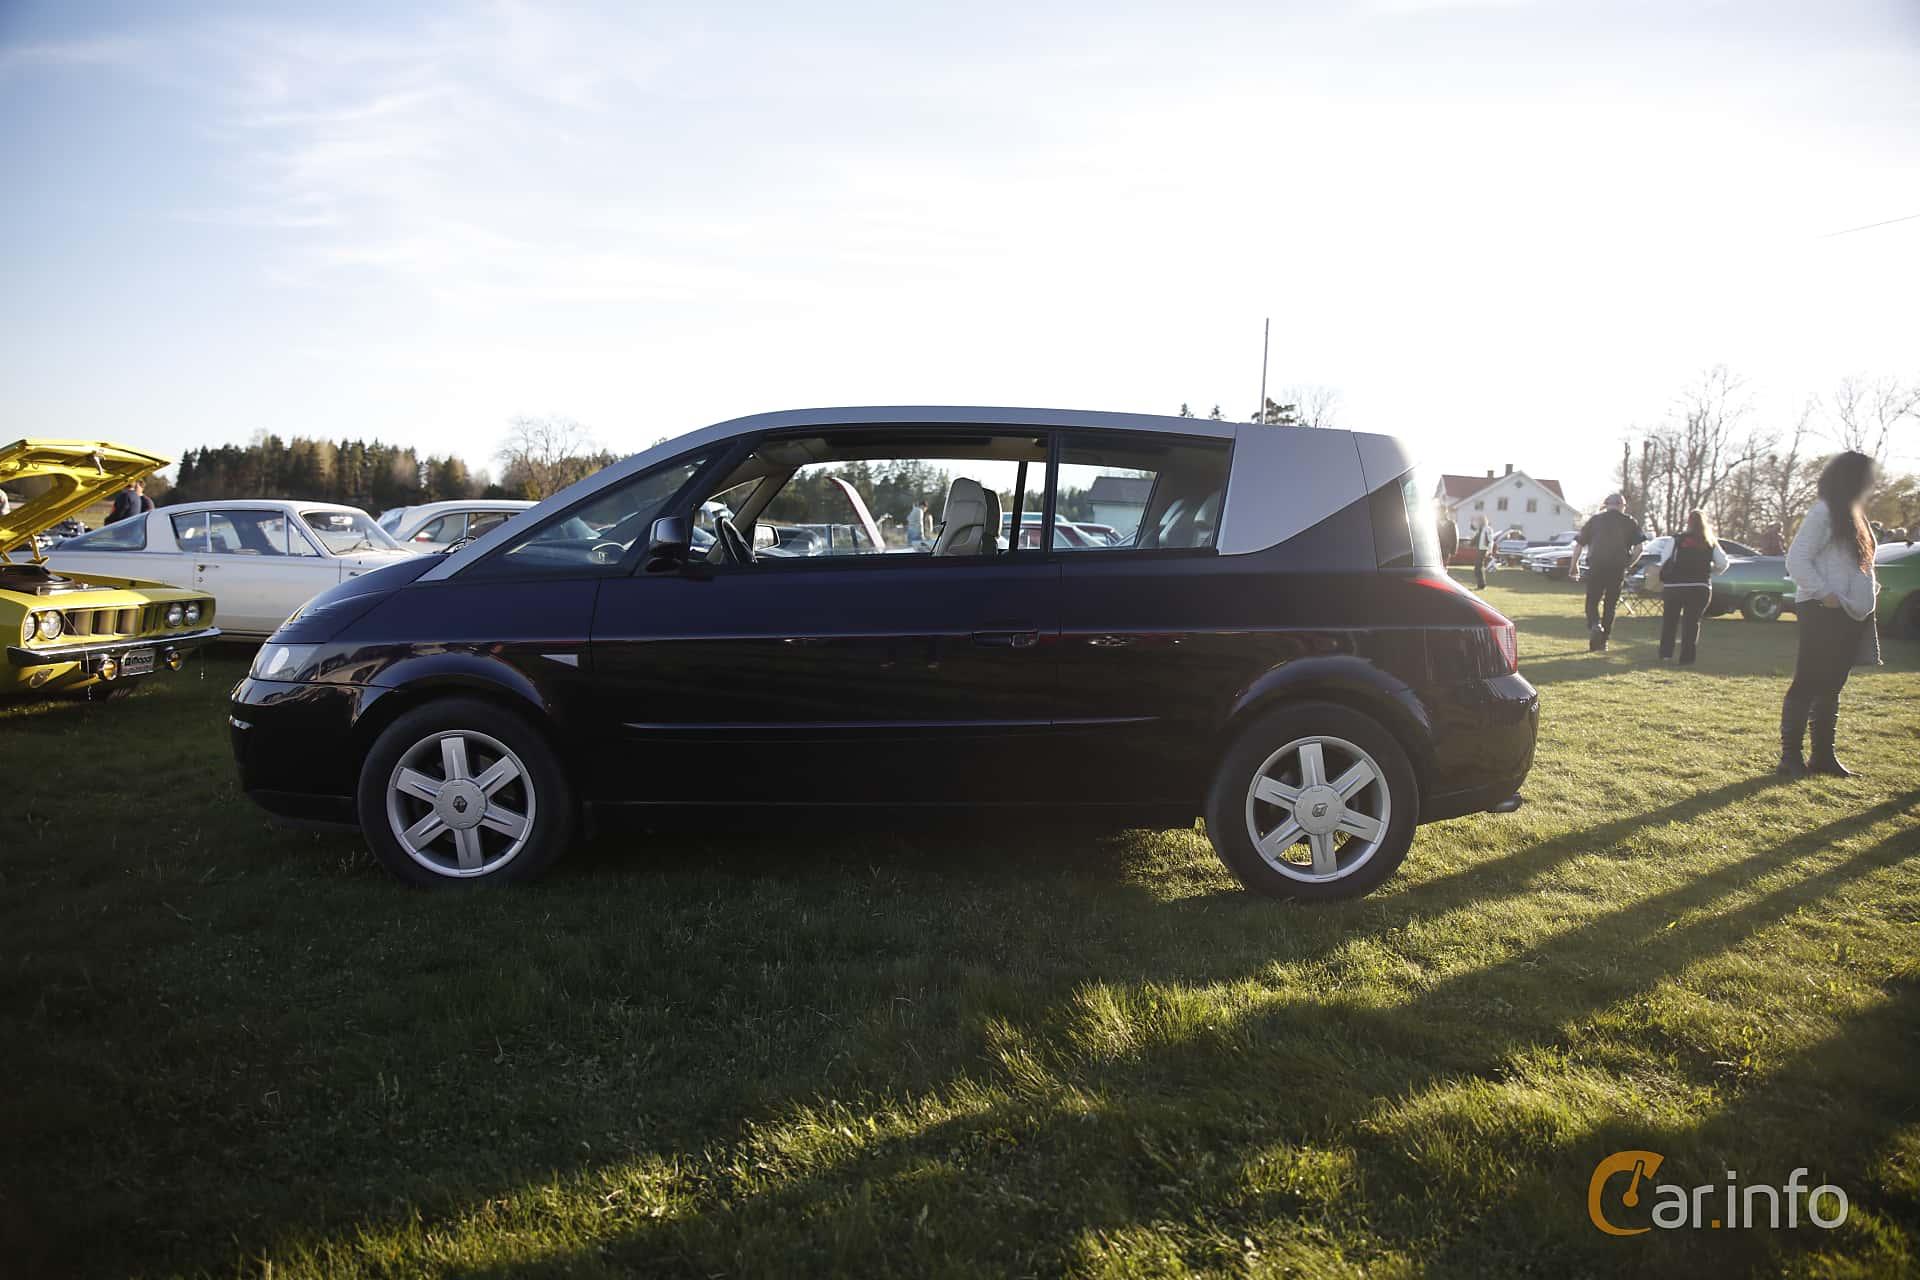 Renault Avantime 3.0 V6 Manuell, 207hk, 2002 at Motorträffar på Nifsta Gård (v.18 2016)